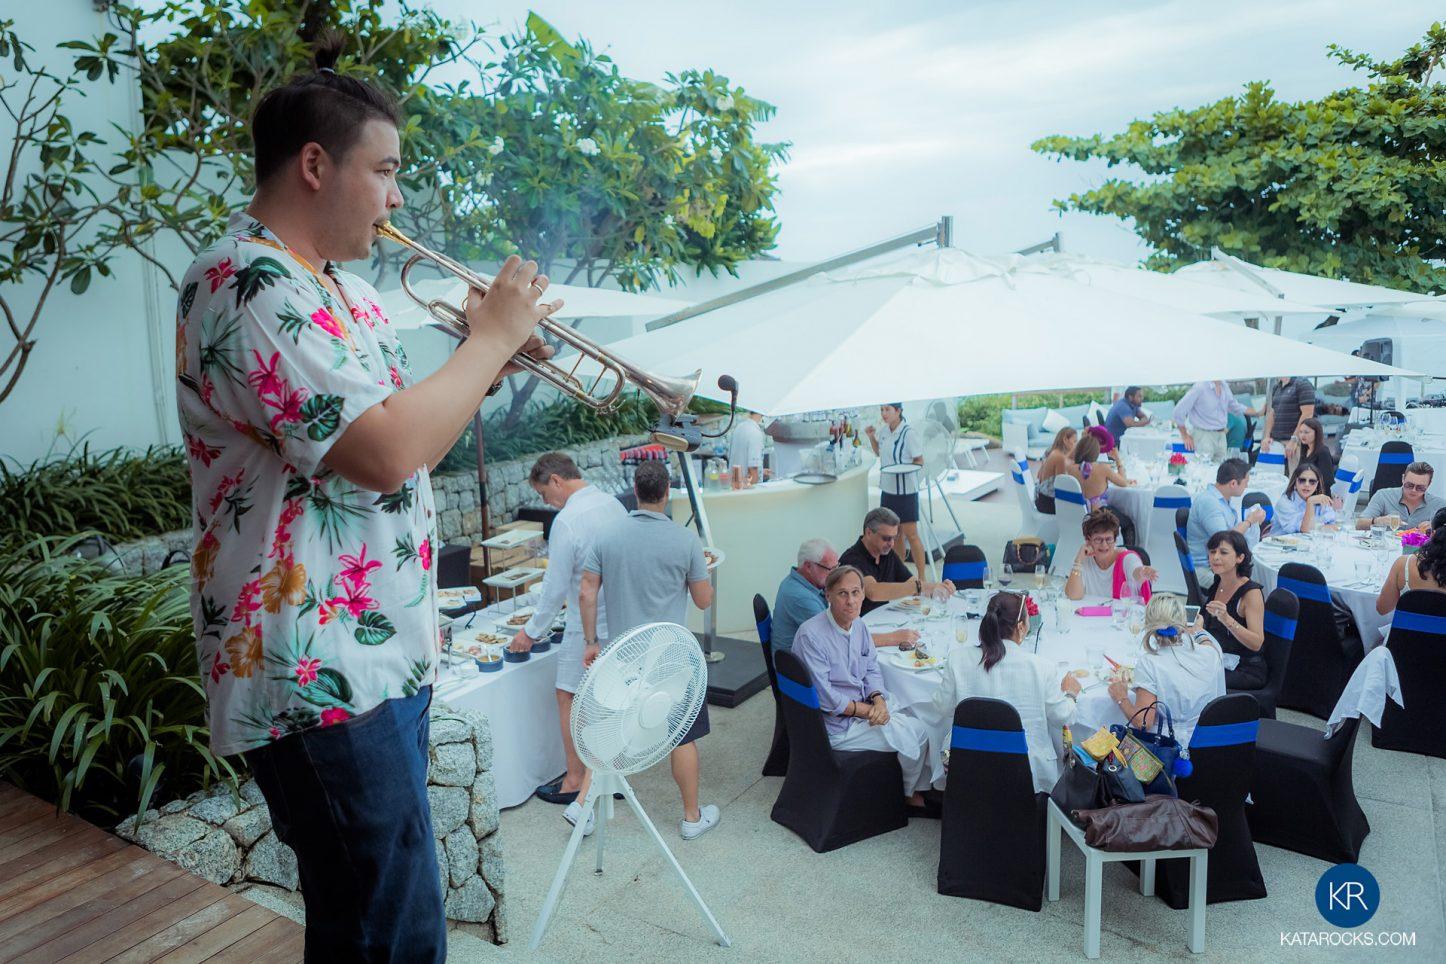 Kata Rocks celebrates Fourth Anniversary - Entertainment